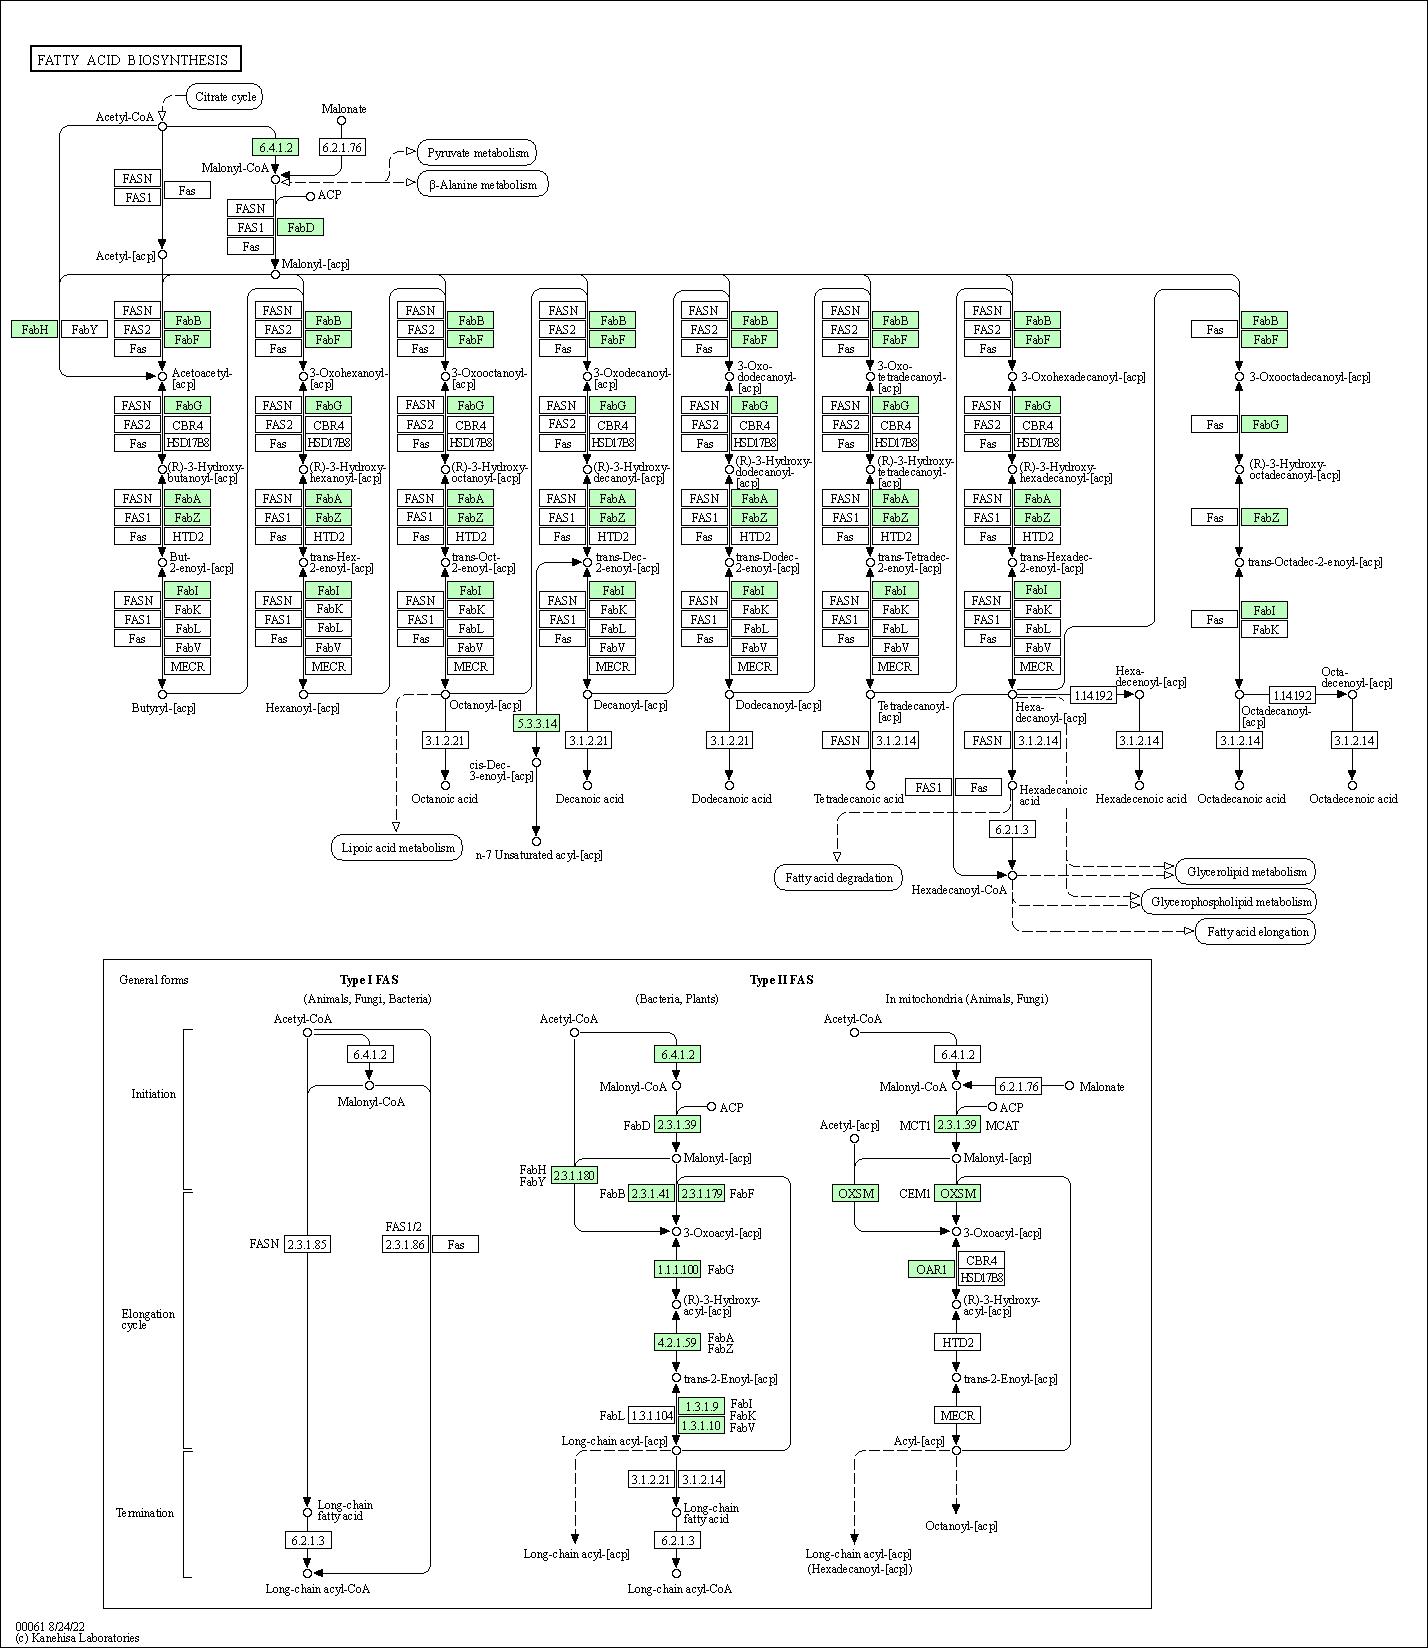 KEGG PATHWAY: Fatty acid biosynthesis - Bartonella bacilliformis